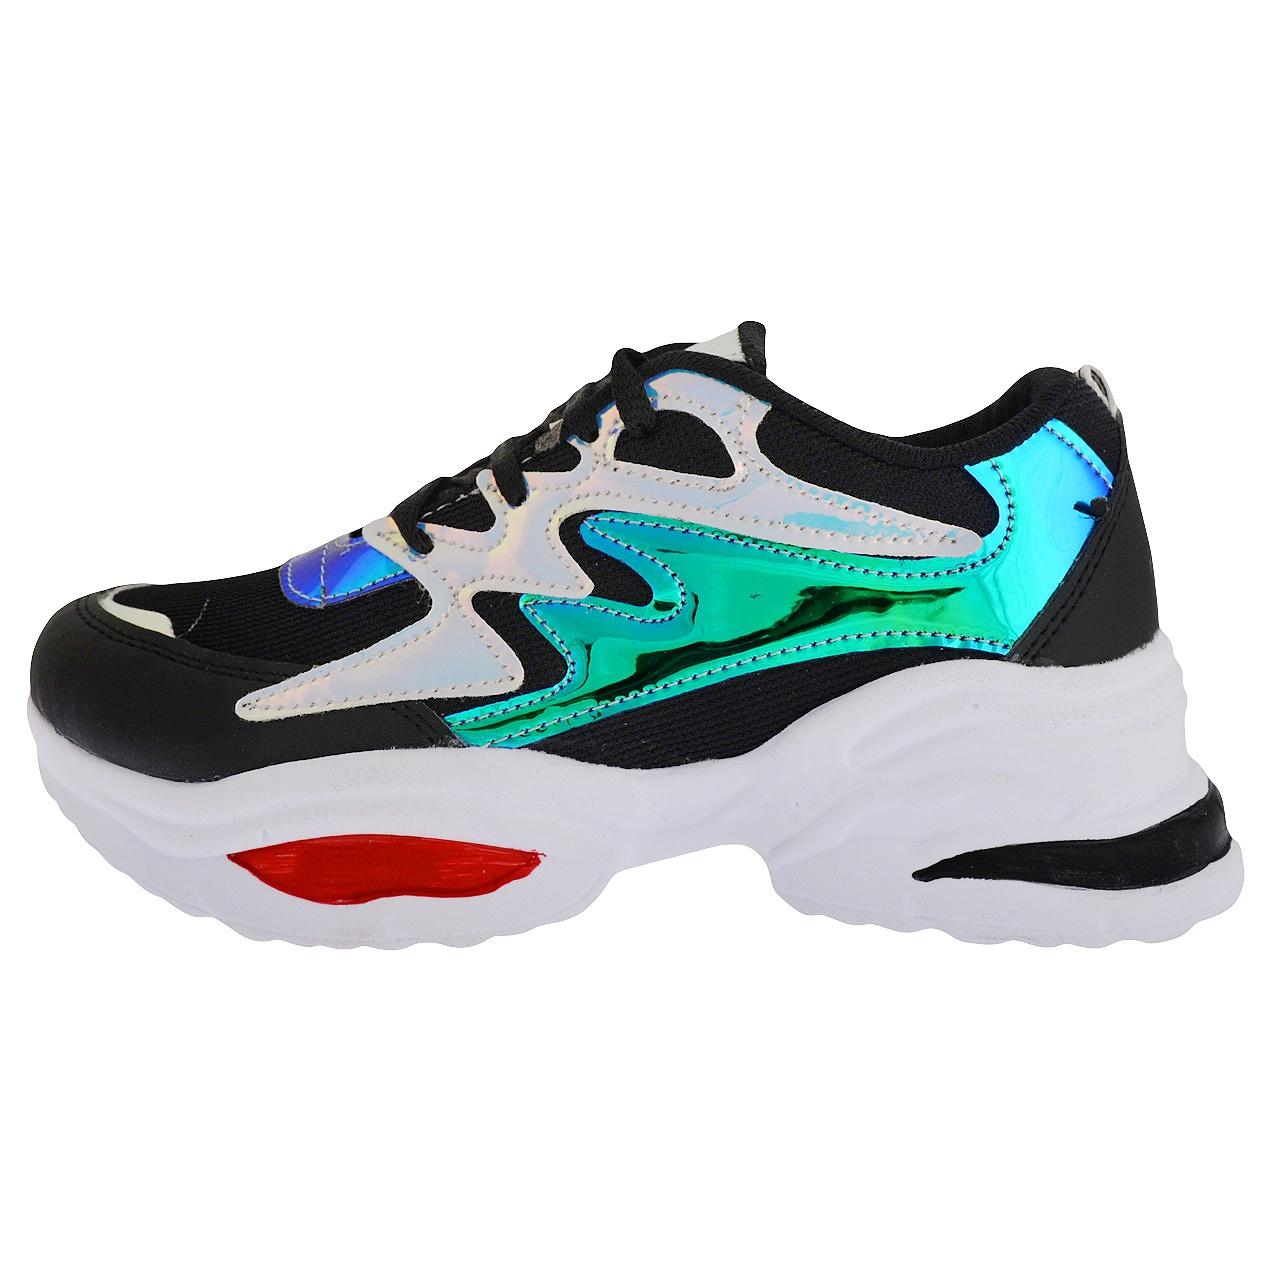 کفش راحتی زنانه کد 351002102